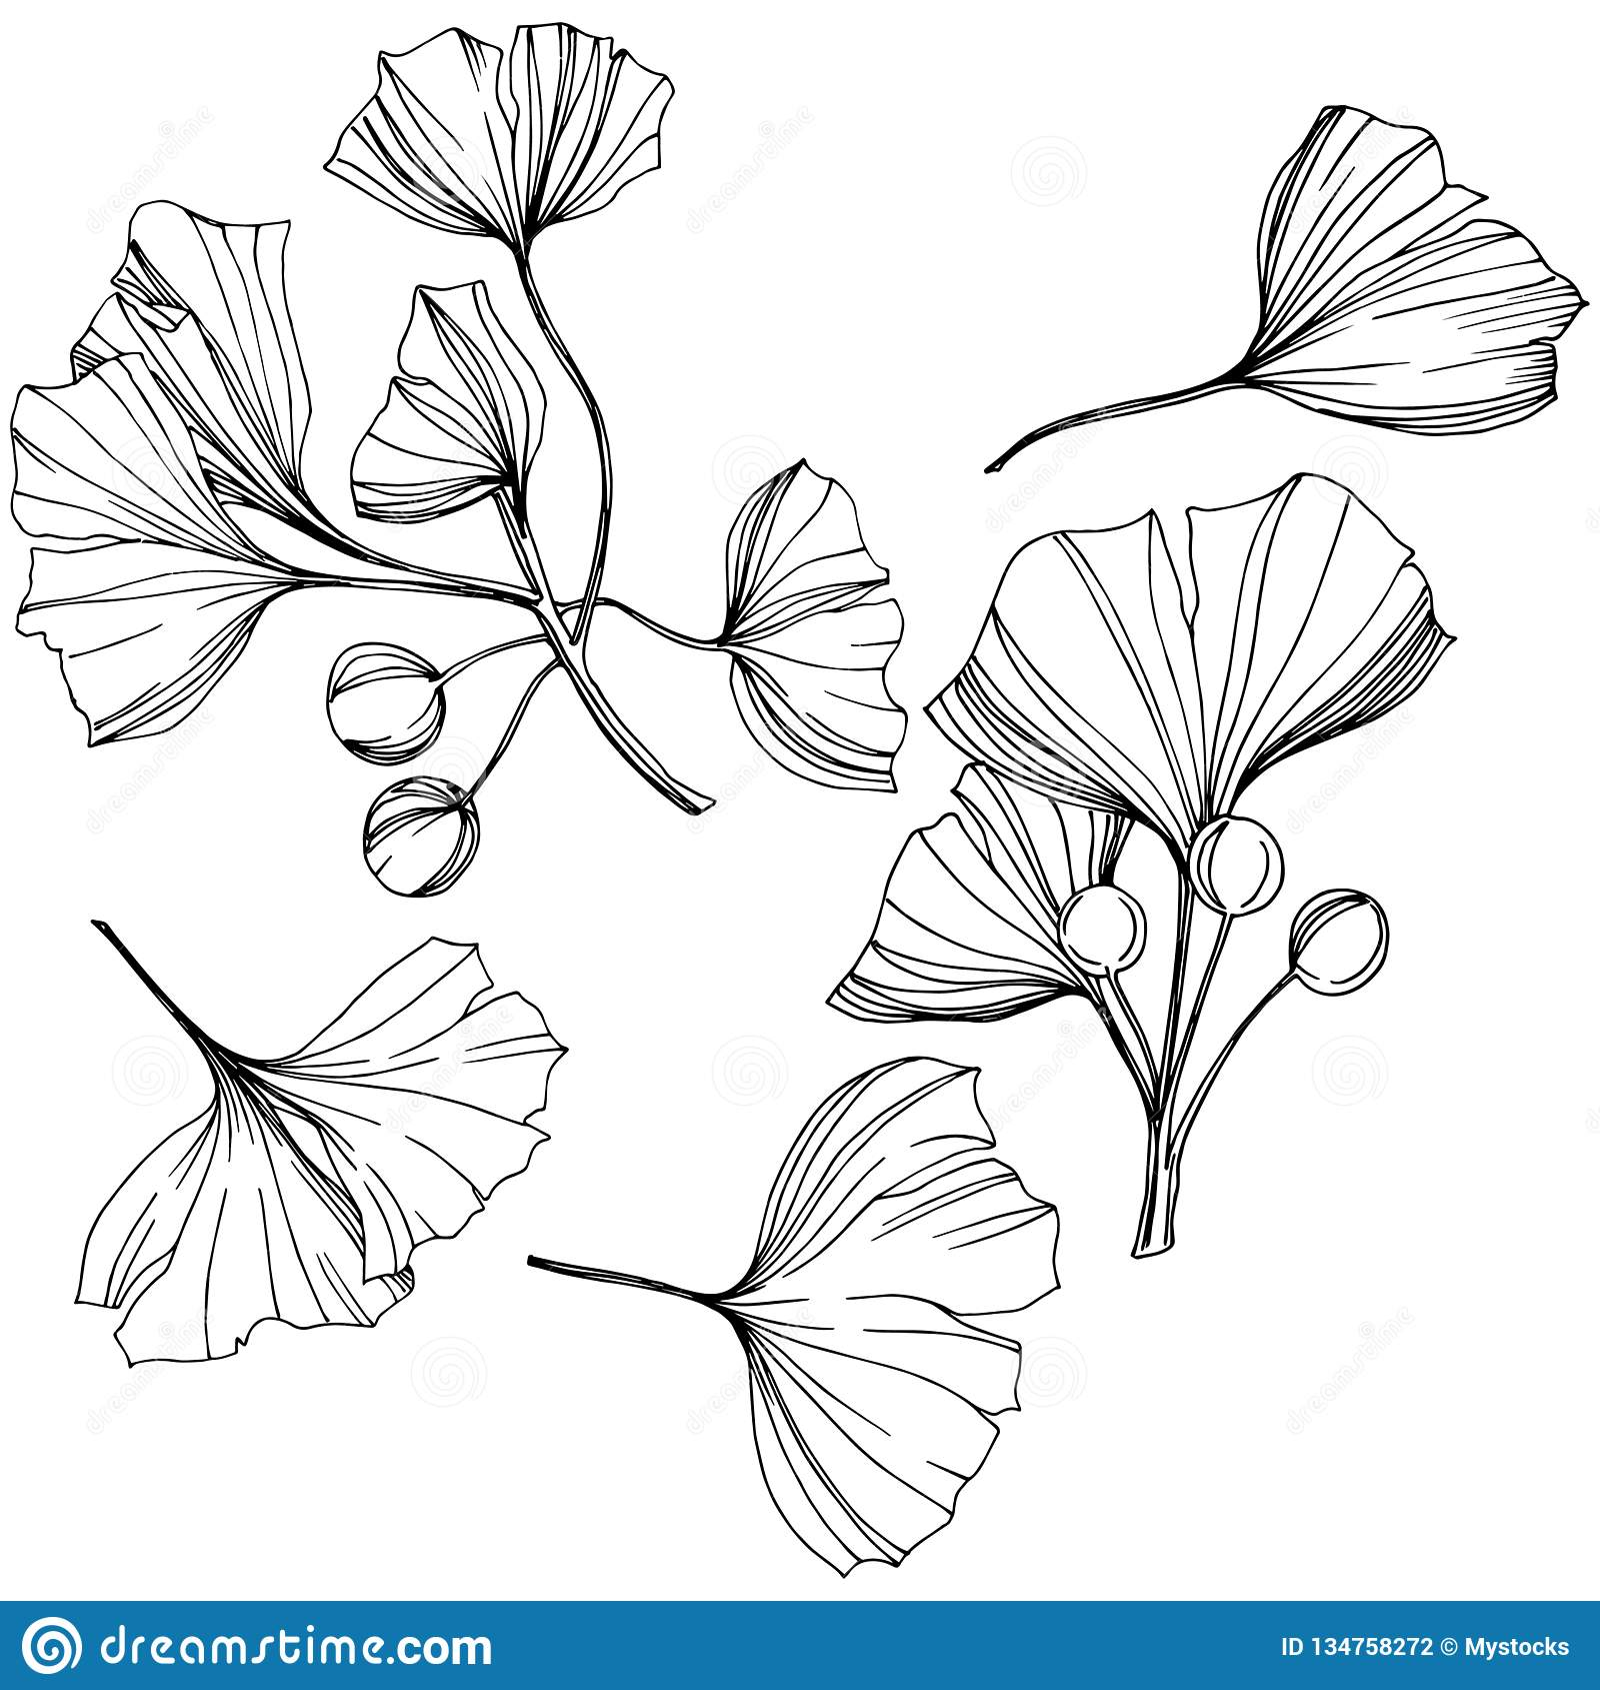 Απομονωμένο διάνυσμα στοιχείο απεικόνισης ginkgo Φύλλωμα βοτανικών κήπων φυτών φύλλων Γραπτή χαραγμένη τέχνη μελανιού